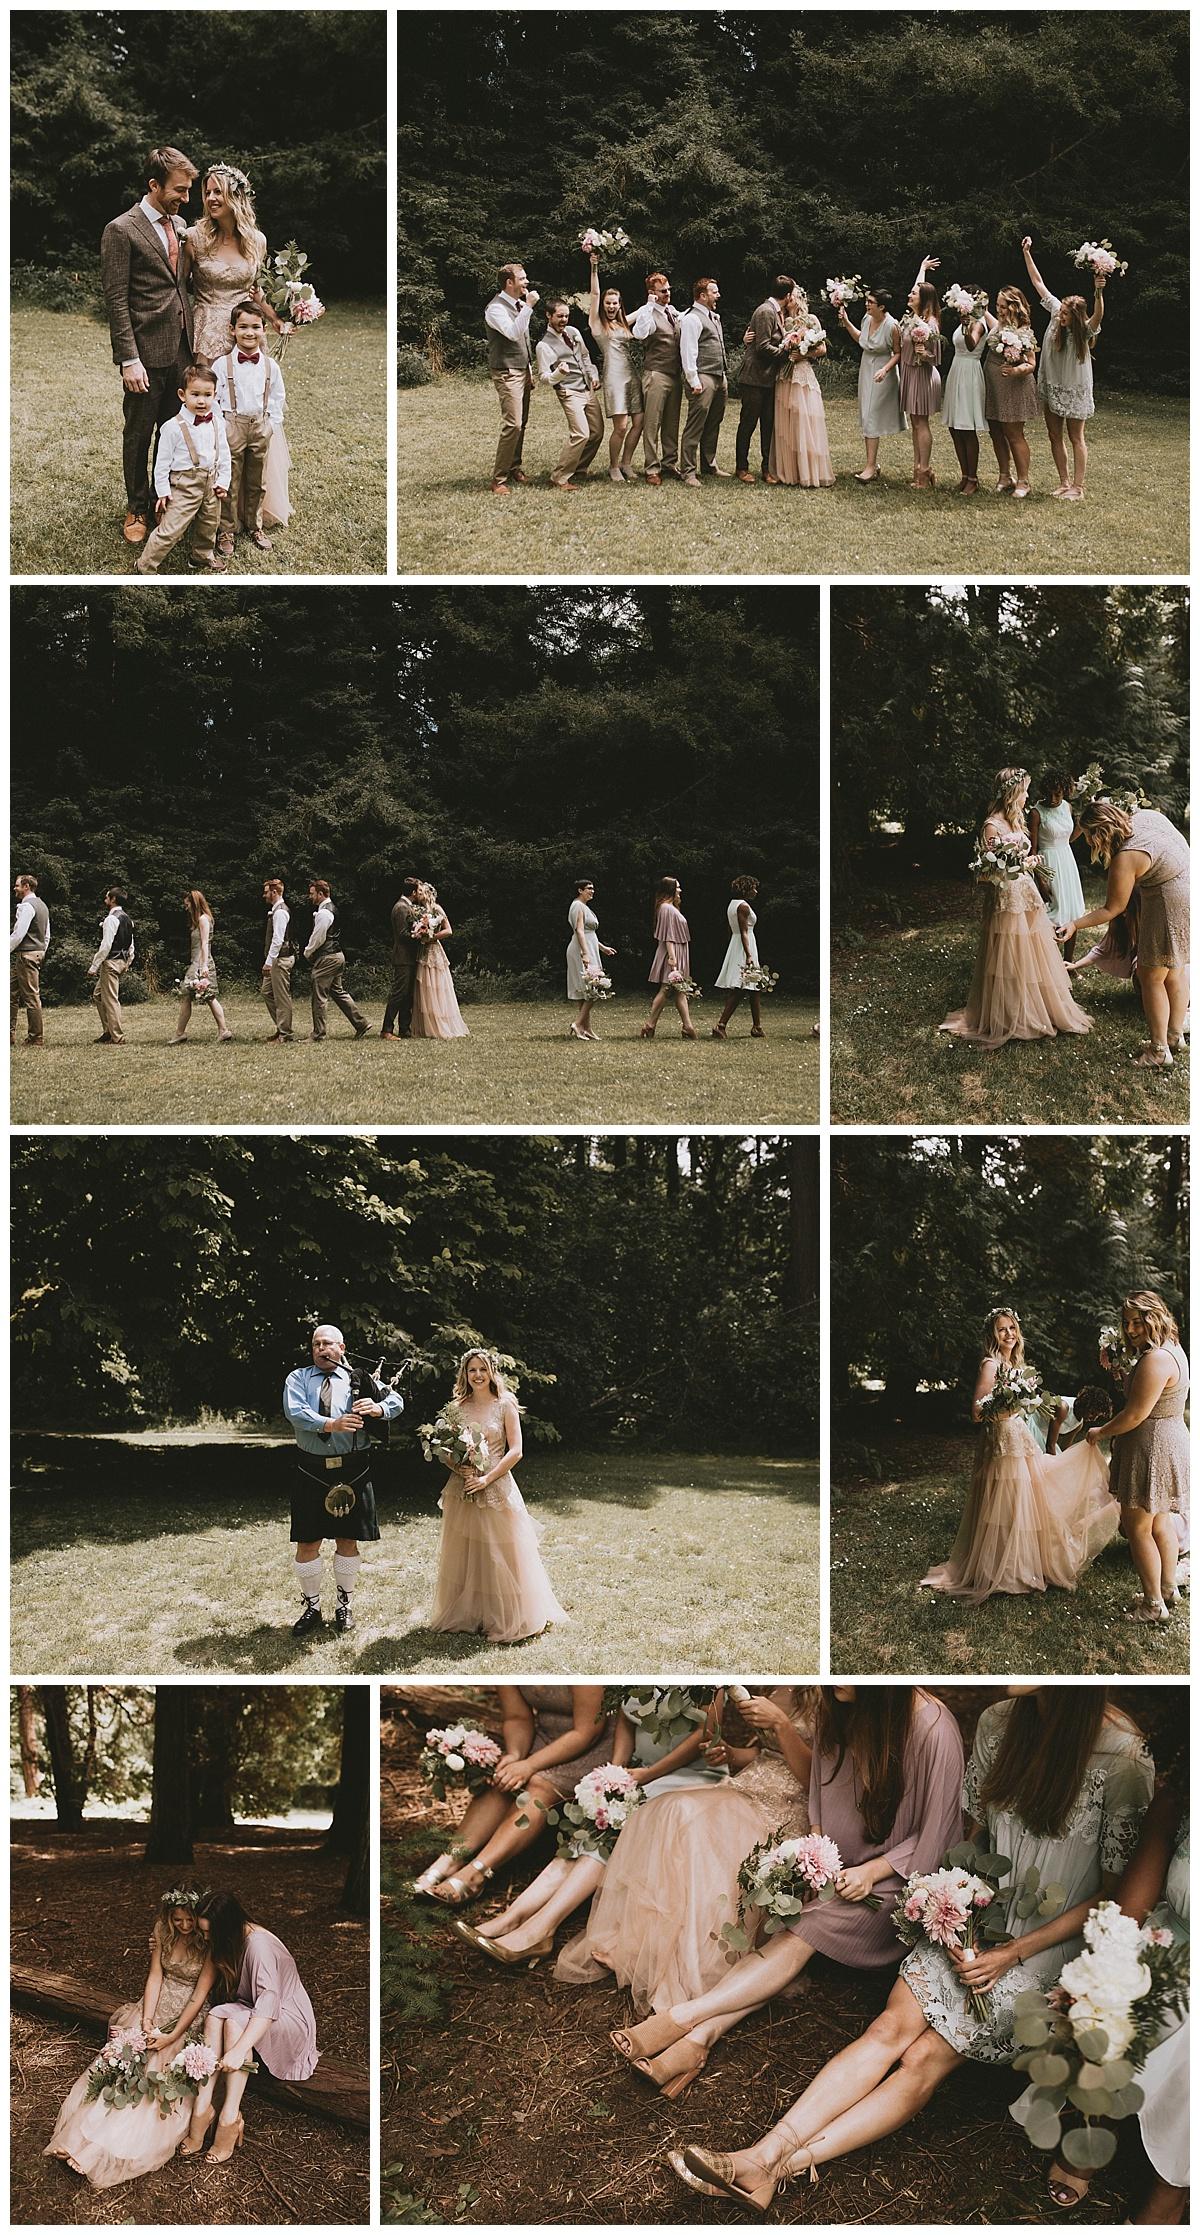 samlandreth-seattle-wedding